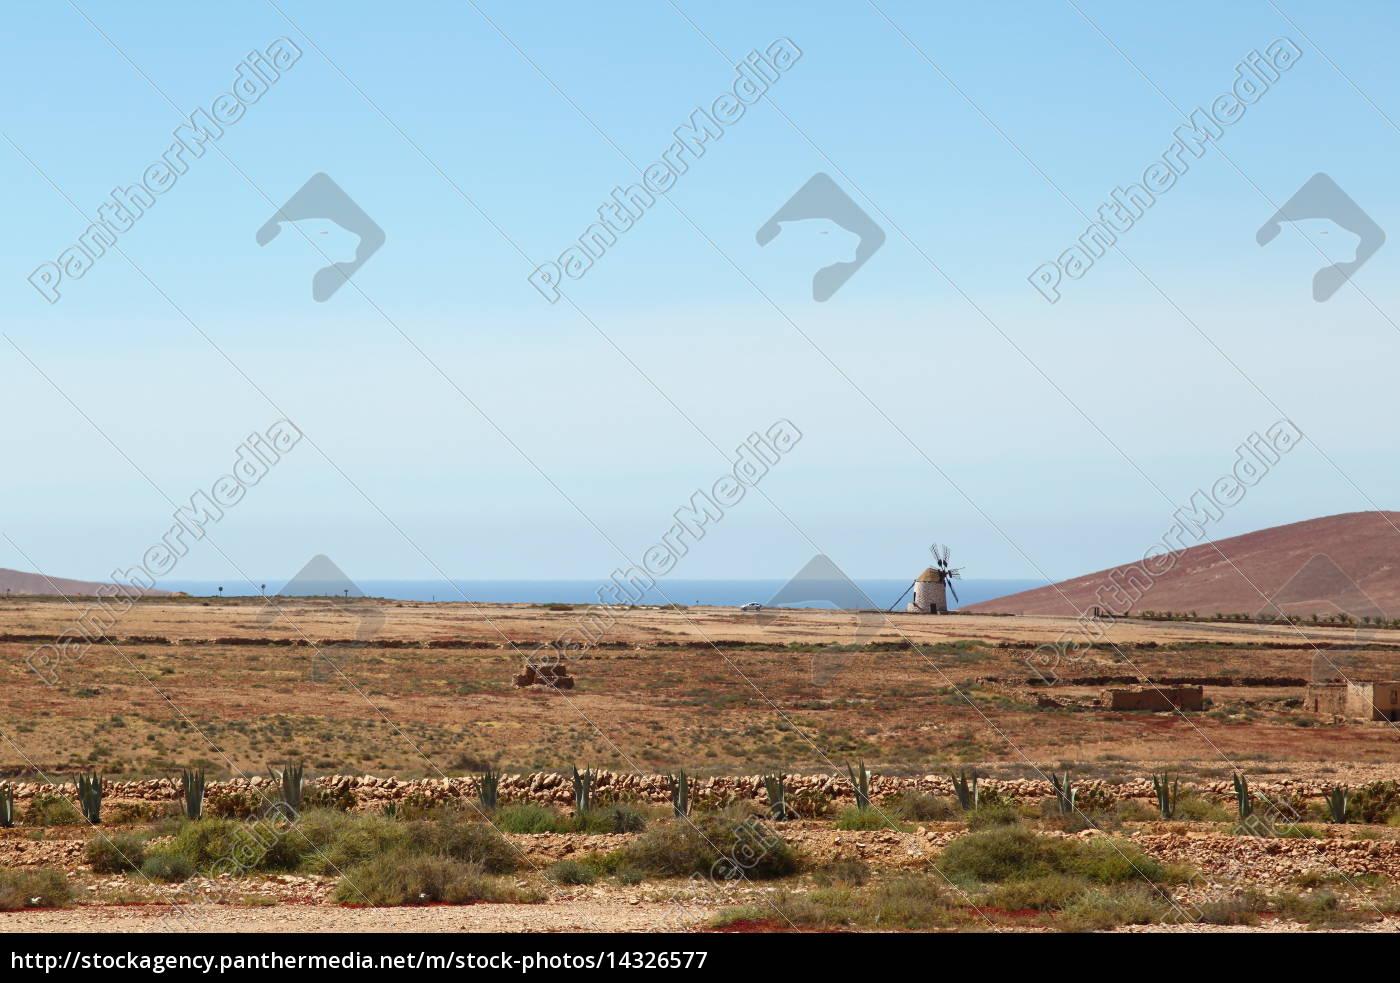 horizonte, férias, canário, paisagem, natureza, viagens - 14326577